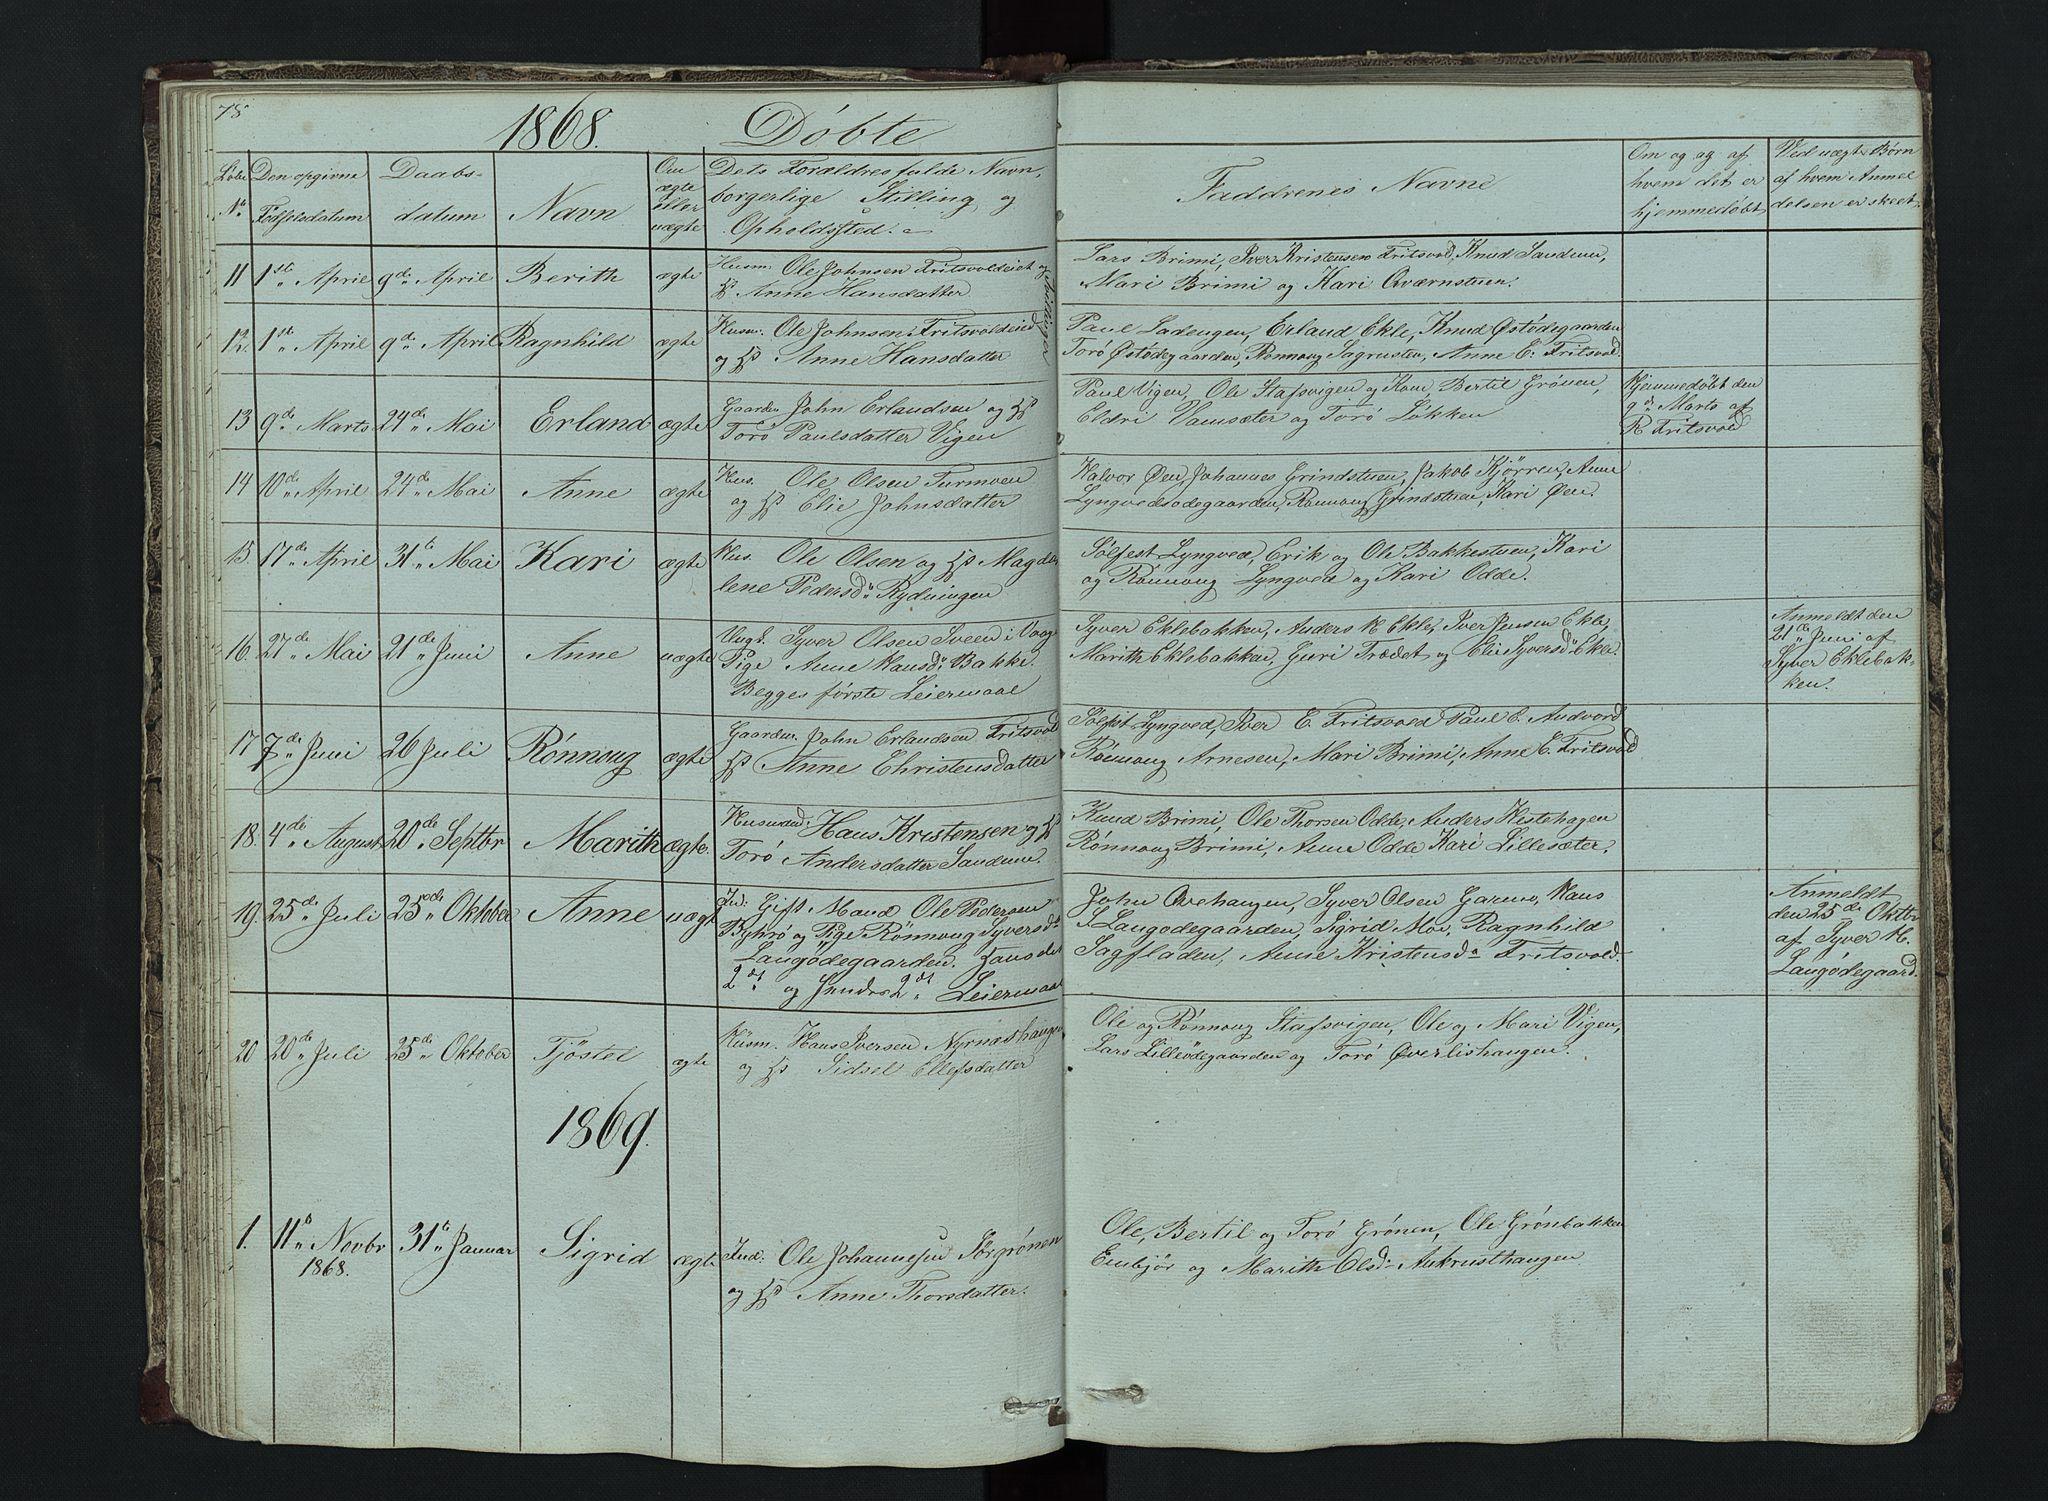 SAH, Lom prestekontor, L/L0014: Klokkerbok nr. 14, 1845-1876, s. 78-79